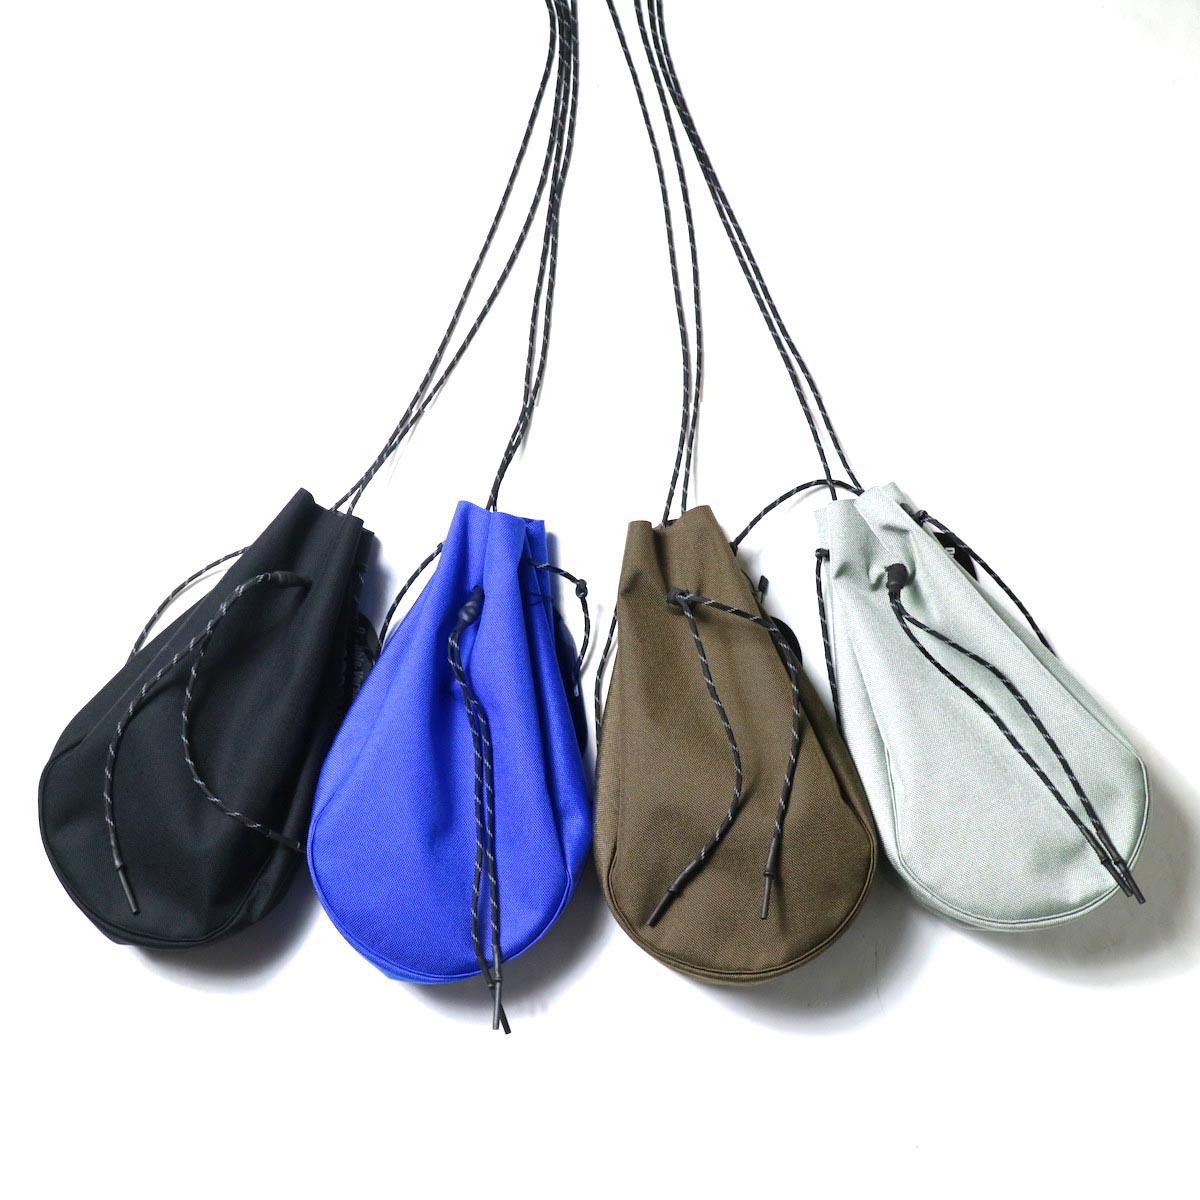 吉岡衣料店 / drawstring bag -L-.